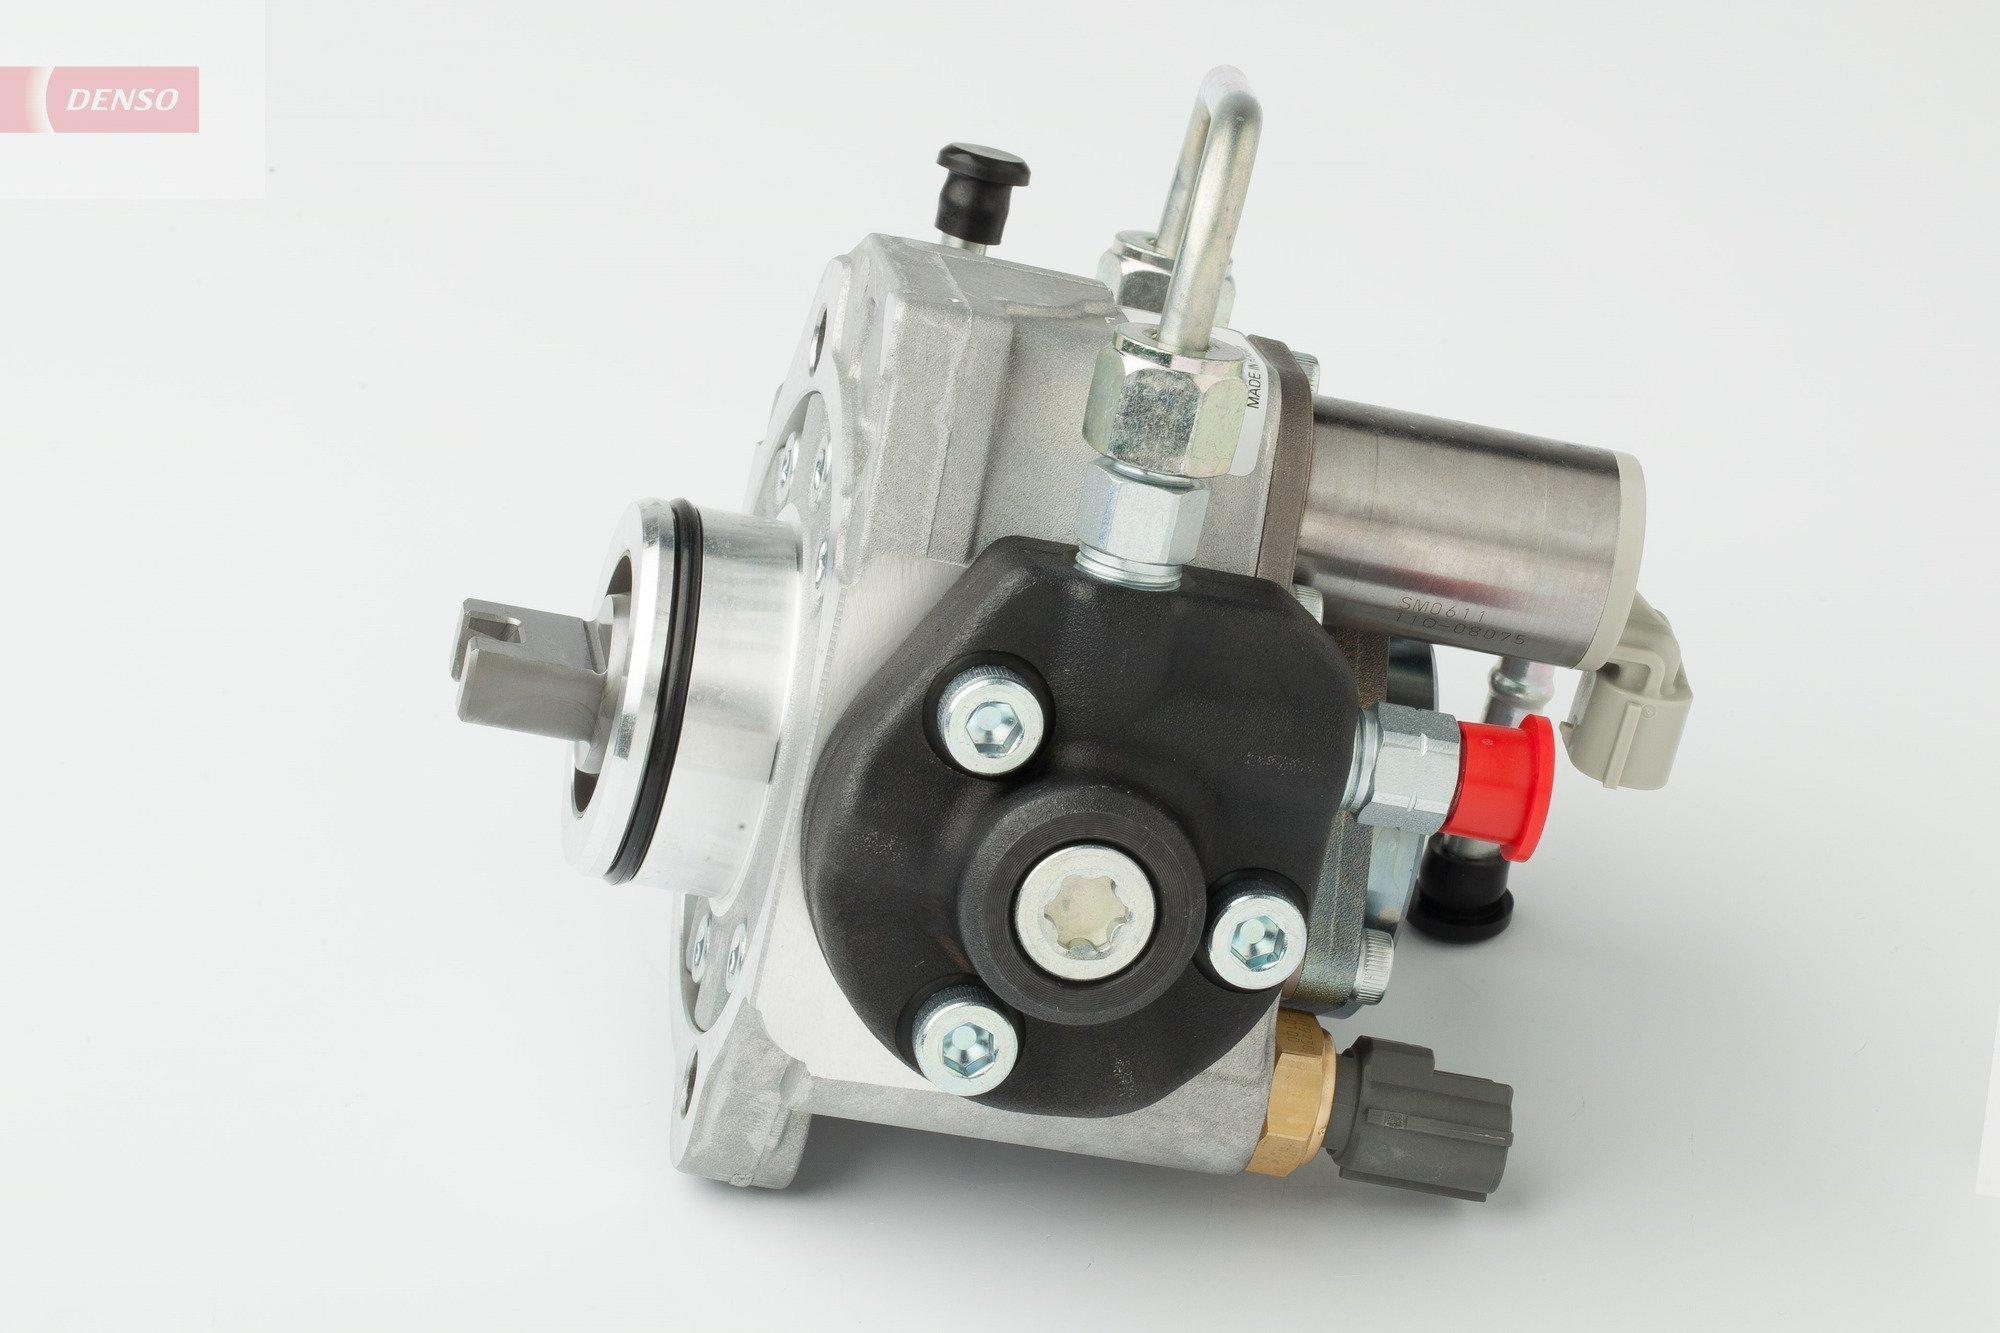 Hochdruckpumpe DENSO DCRP301580